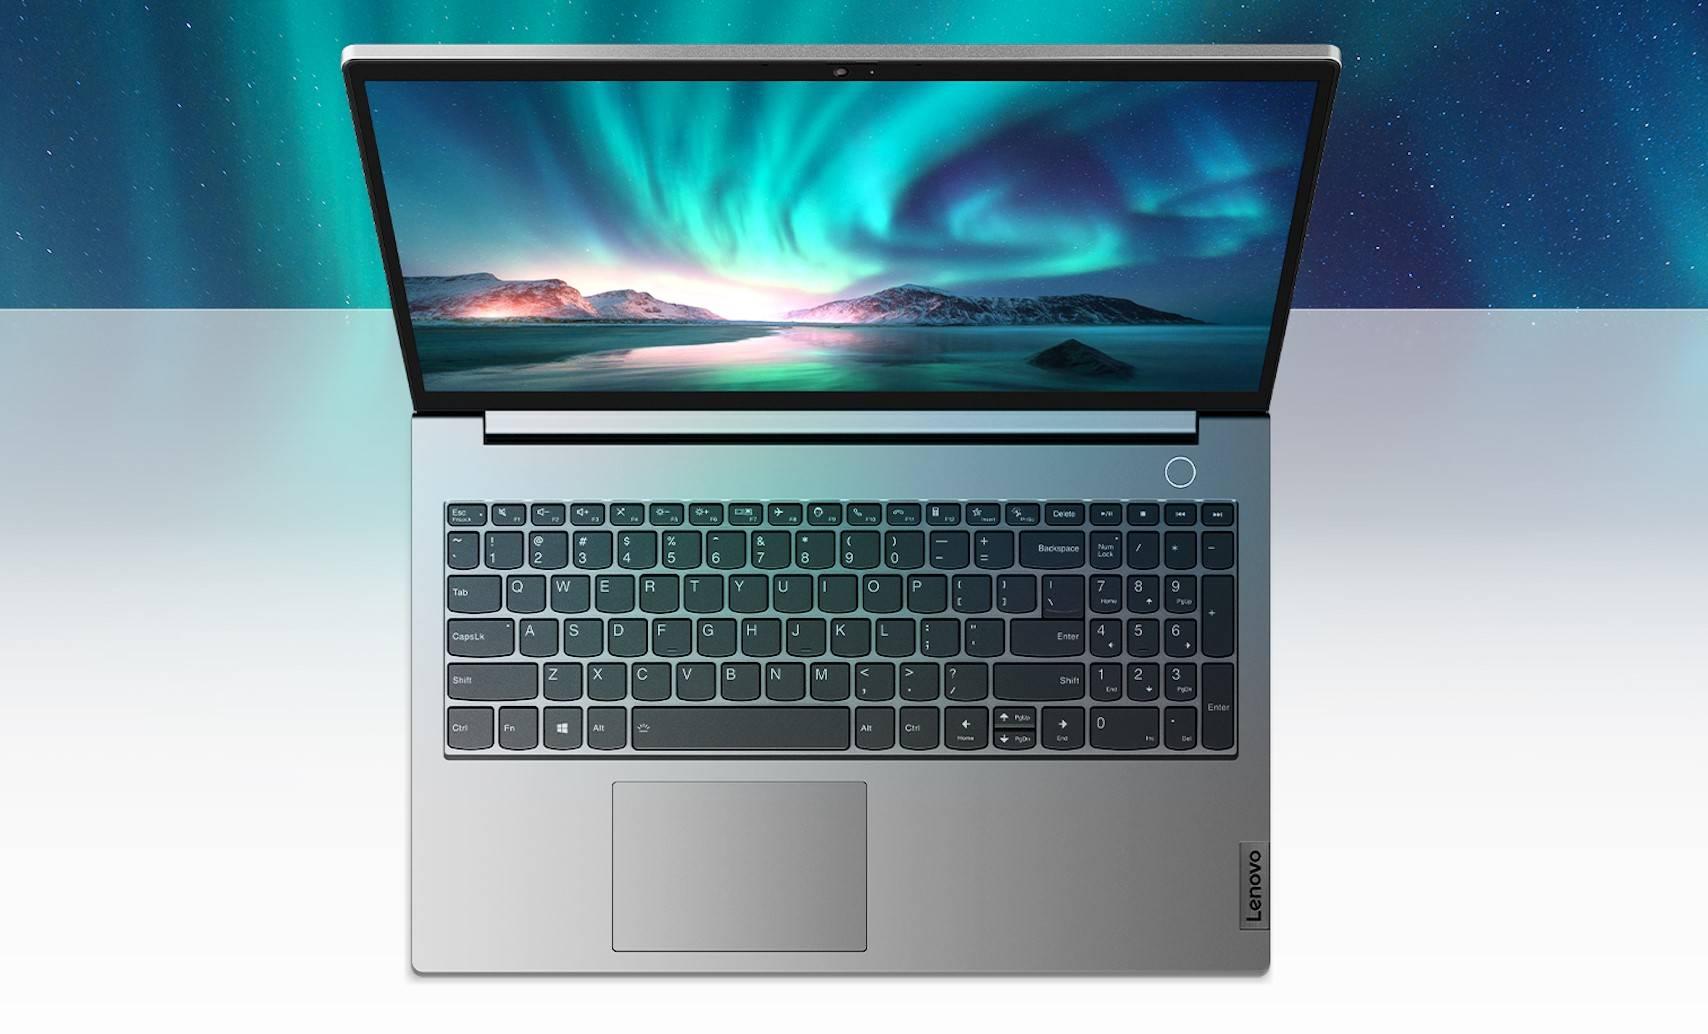 锐智系创造本 ThinkBook 15锐龙版开启预售